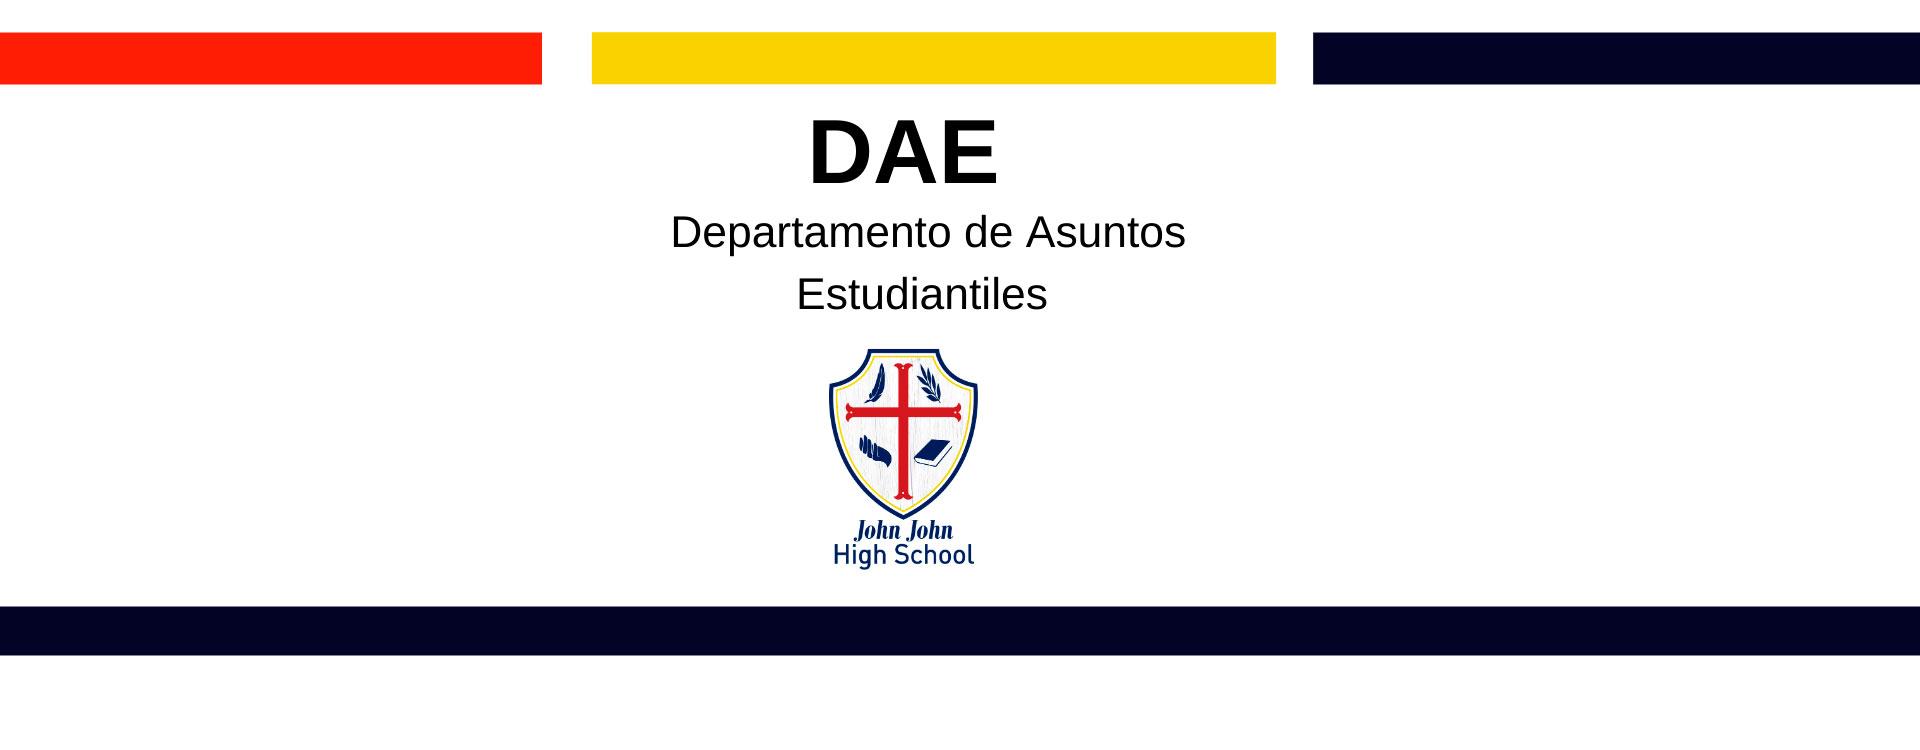 Departamento de asuntos estudiantiles DAE,- Colegio Ñuñoa